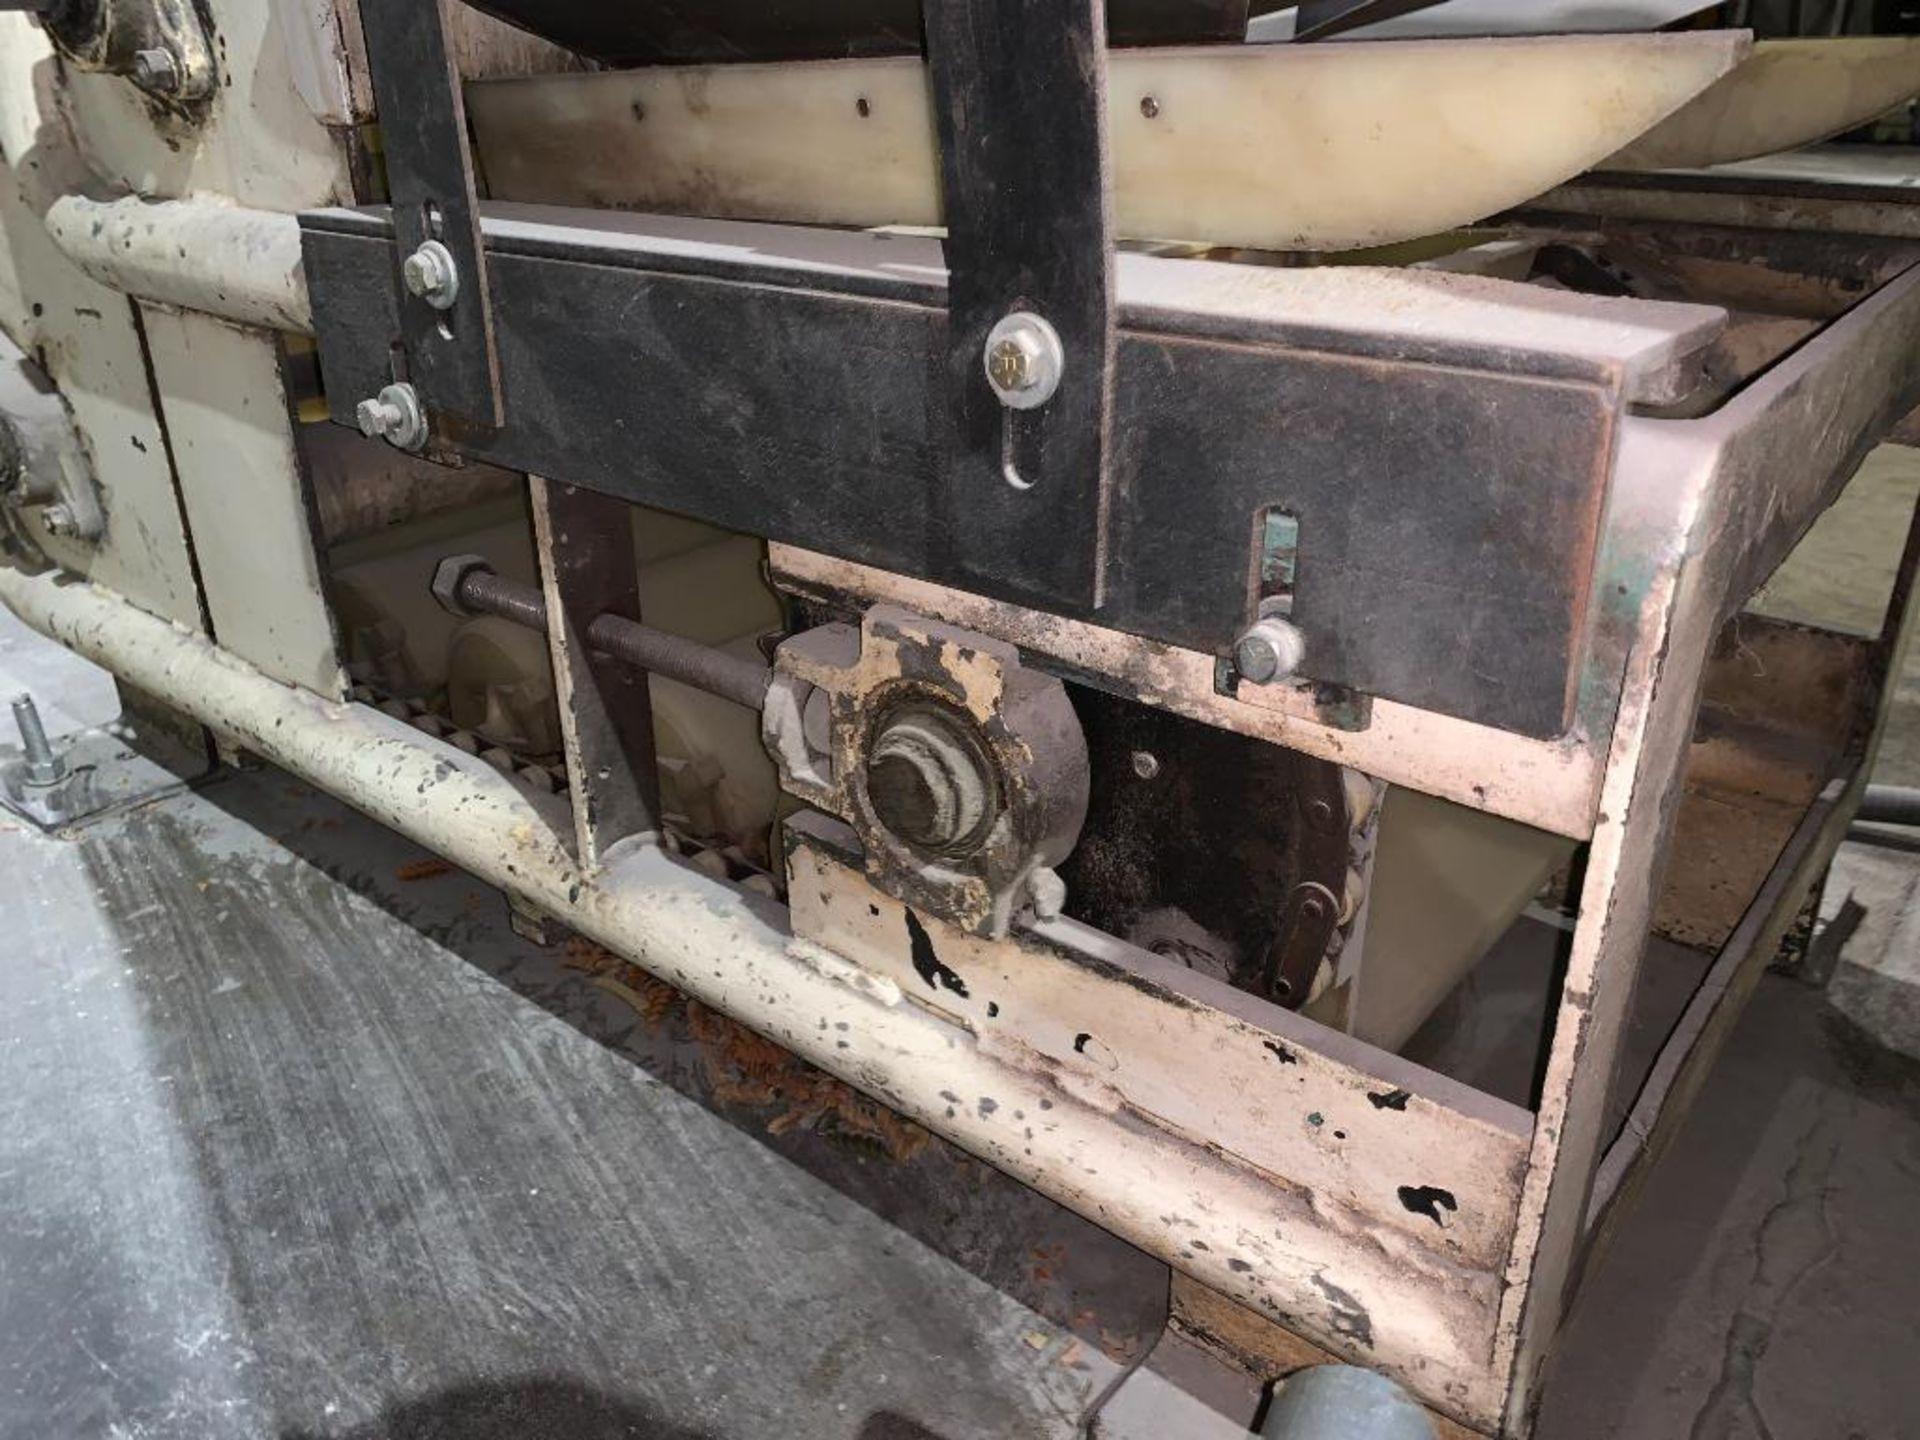 Aseeco overlapping bucket elevator - Image 4 of 11